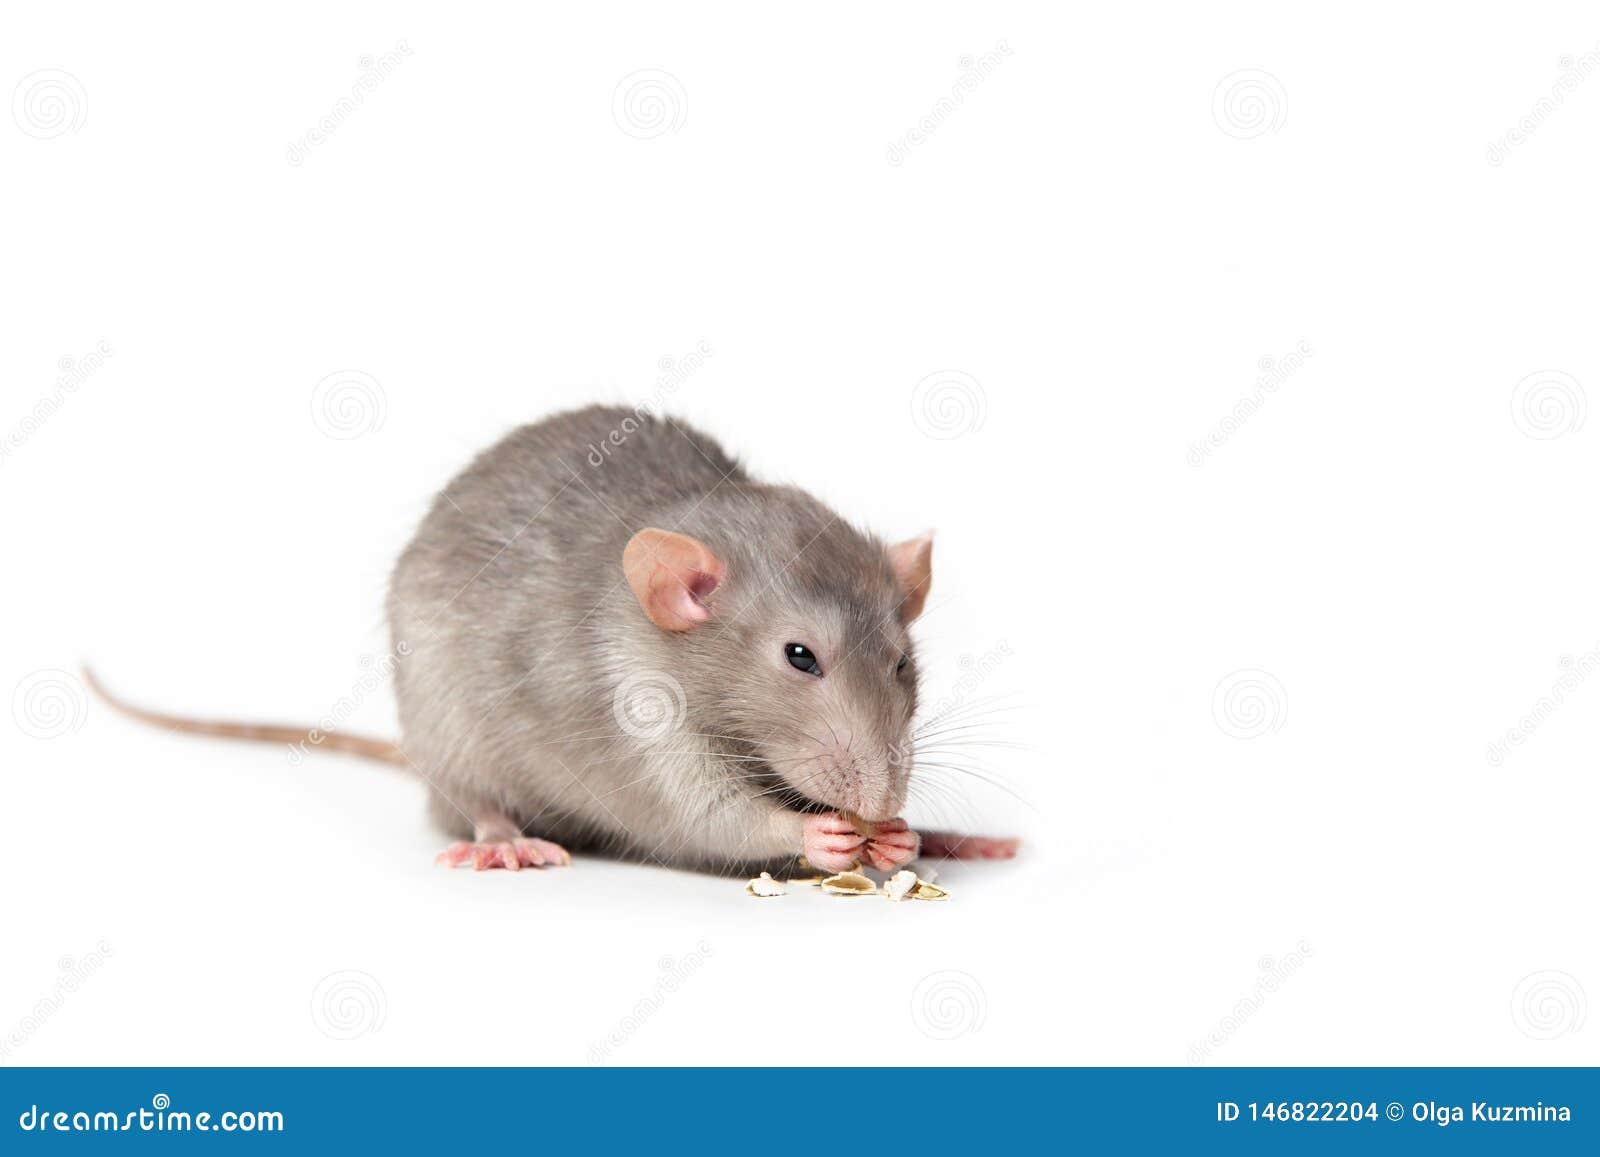 Ge?soleerd op witte achtergrond knaagt een rat aan een pompoenzaad Roze oren, zwarte ogen, decoratieve rat, huisdier